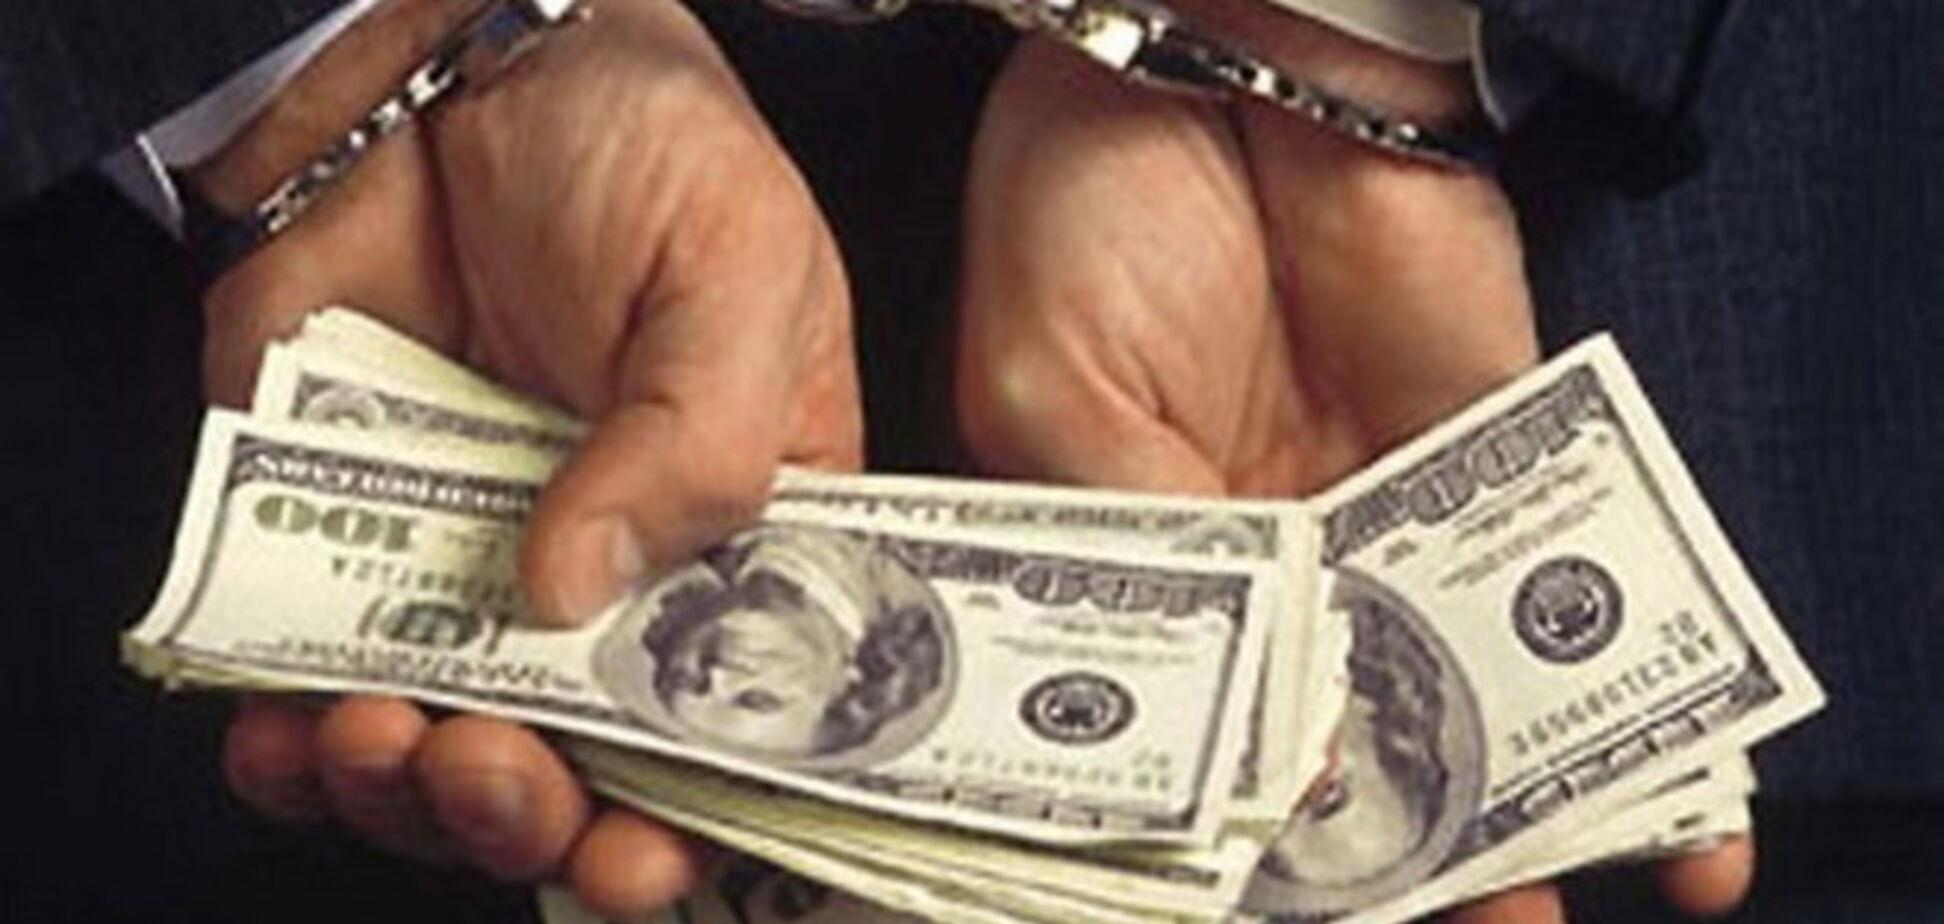 В Киеве чиновник выбросил в урну взятку в полмиллиона гривен